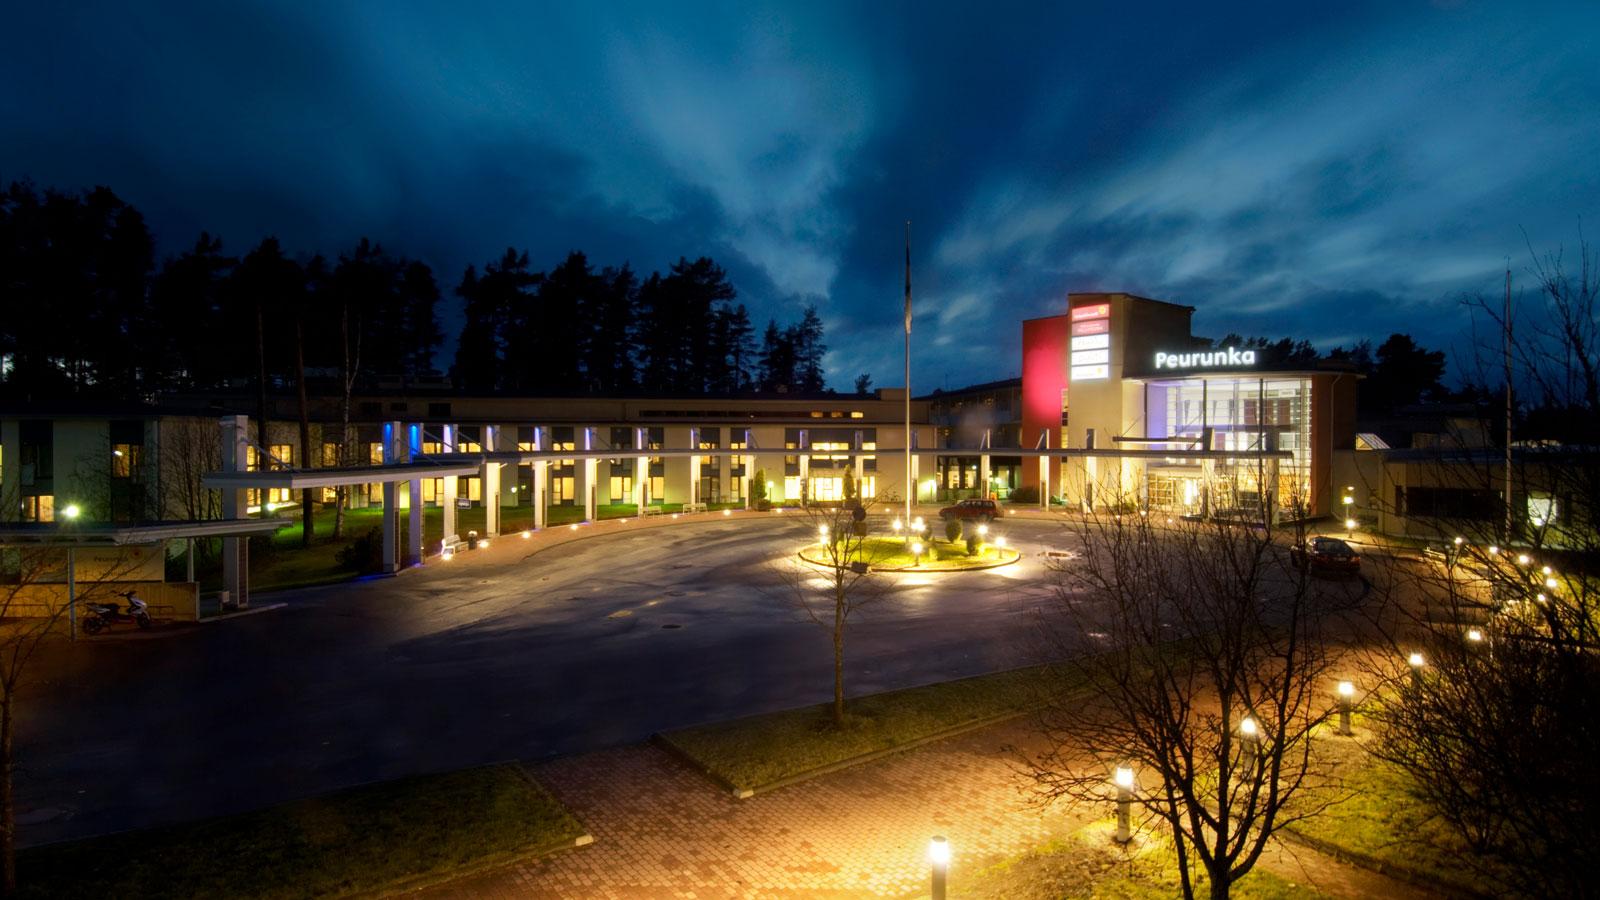 Peurungan hotellin rakennus pimeällä.